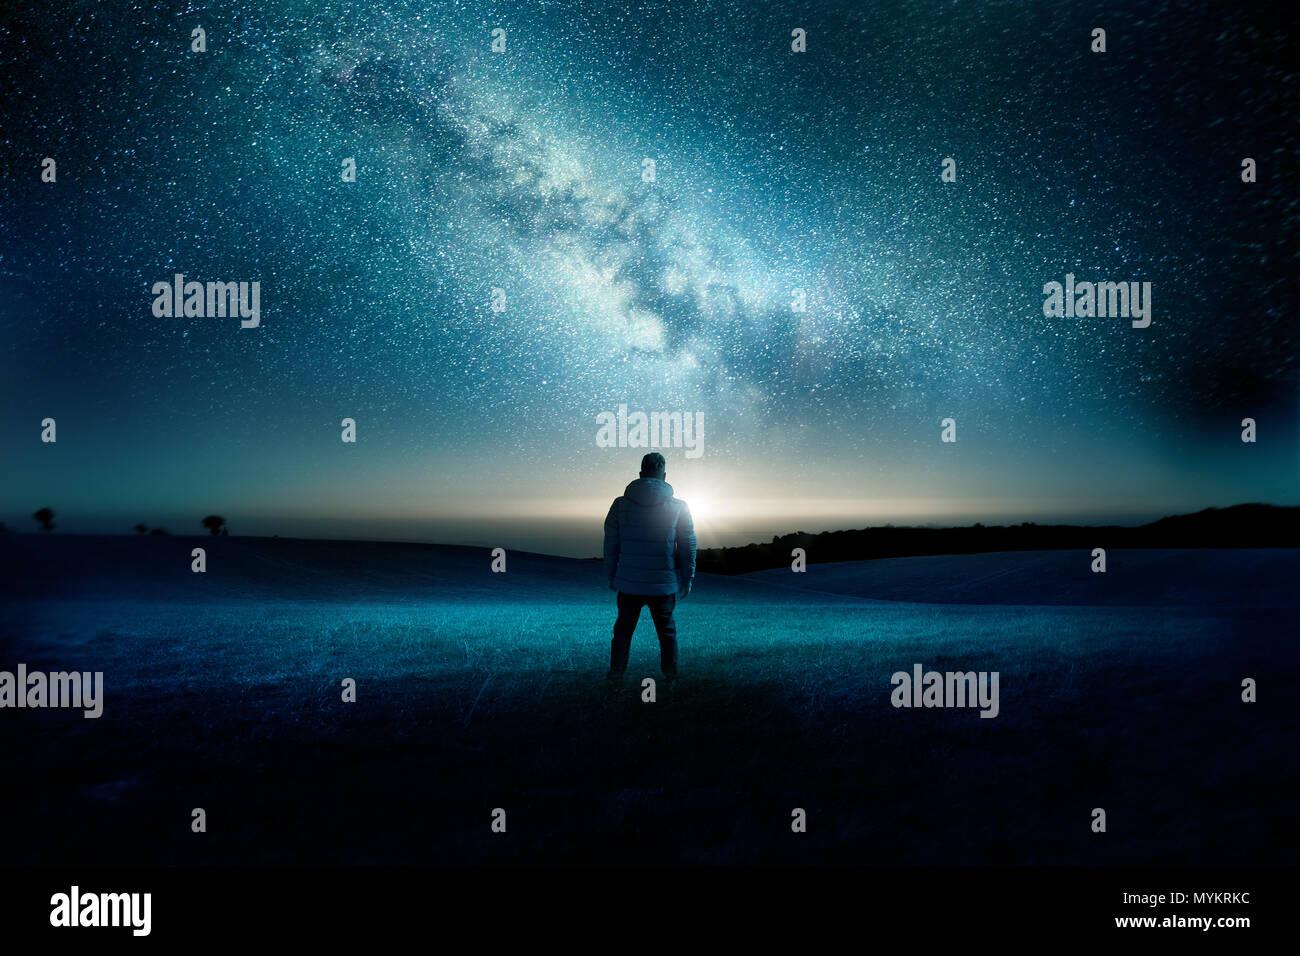 Ein Mann steht gerade mit Verwunderung und Erstaunen, wie der Mond und die Milchstraße die Nacht Himmel füllen. Nacht Landschaft. Foto Composite. Stockbild